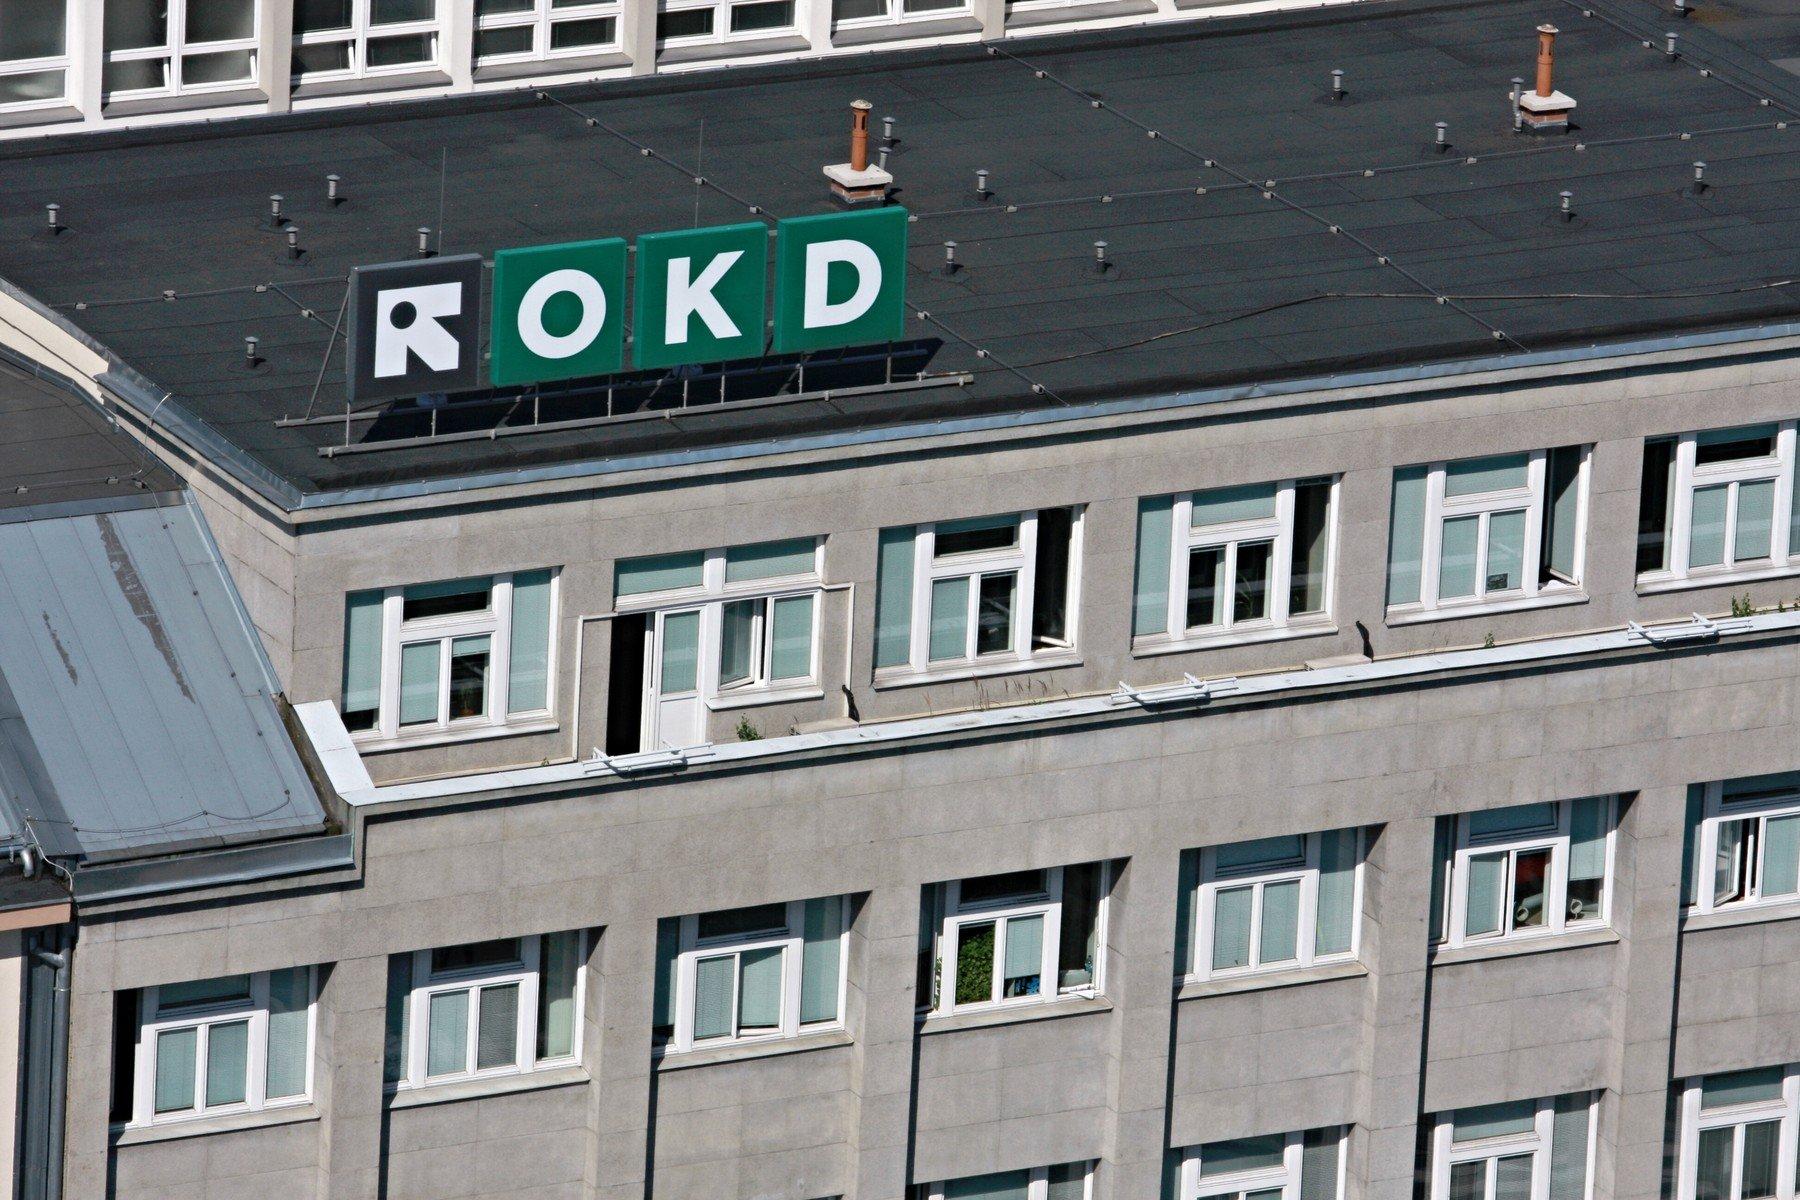 Ředitelská budova OKD na Prokešově náměstí v Ostravě